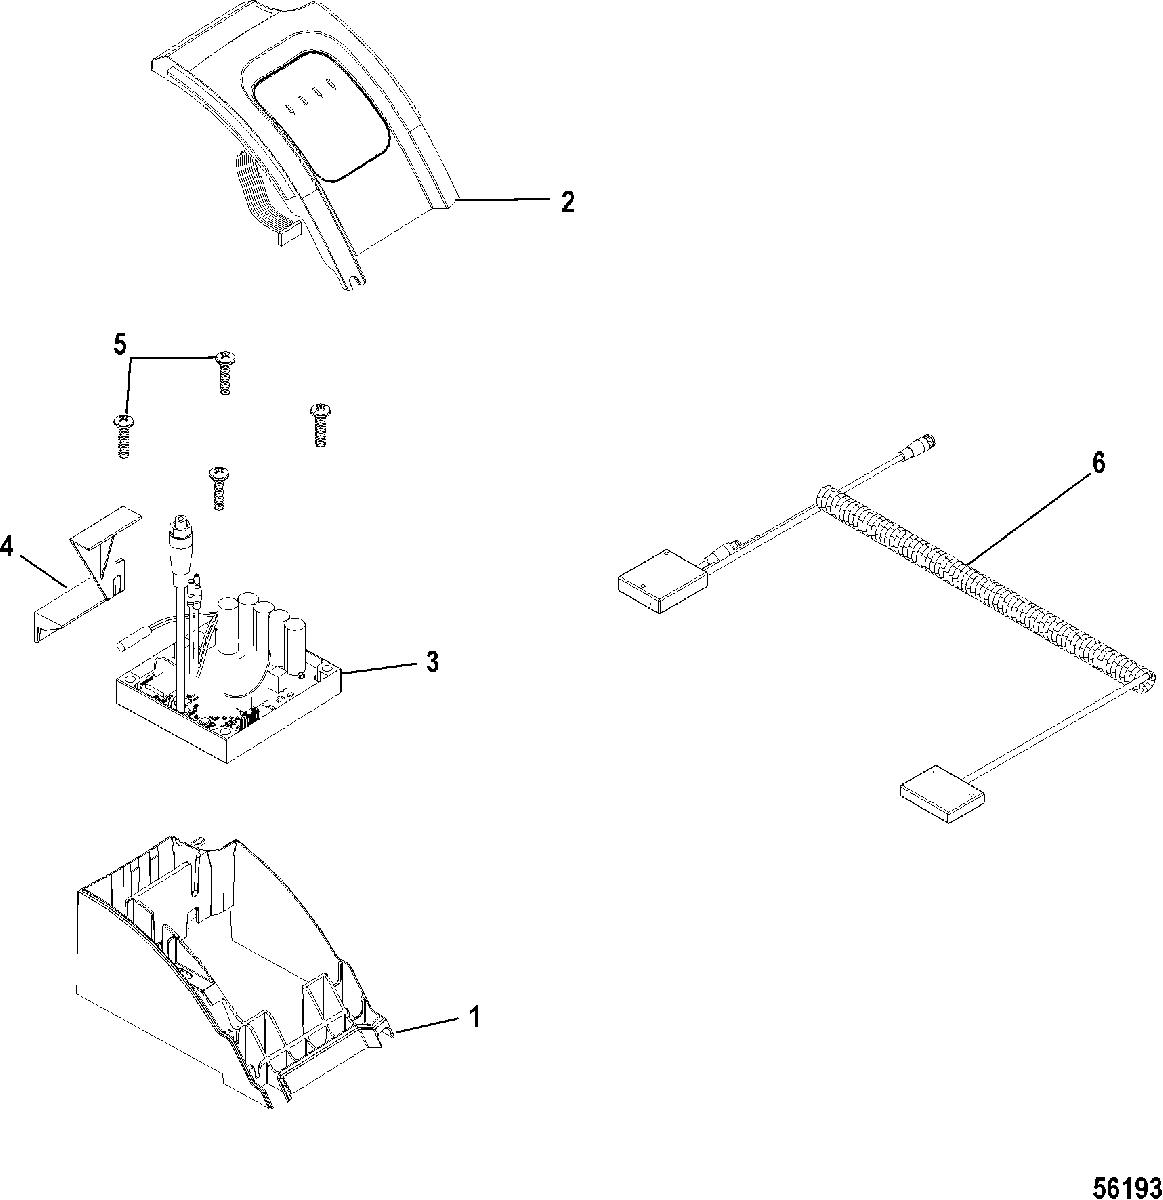 oppo f1 diagram